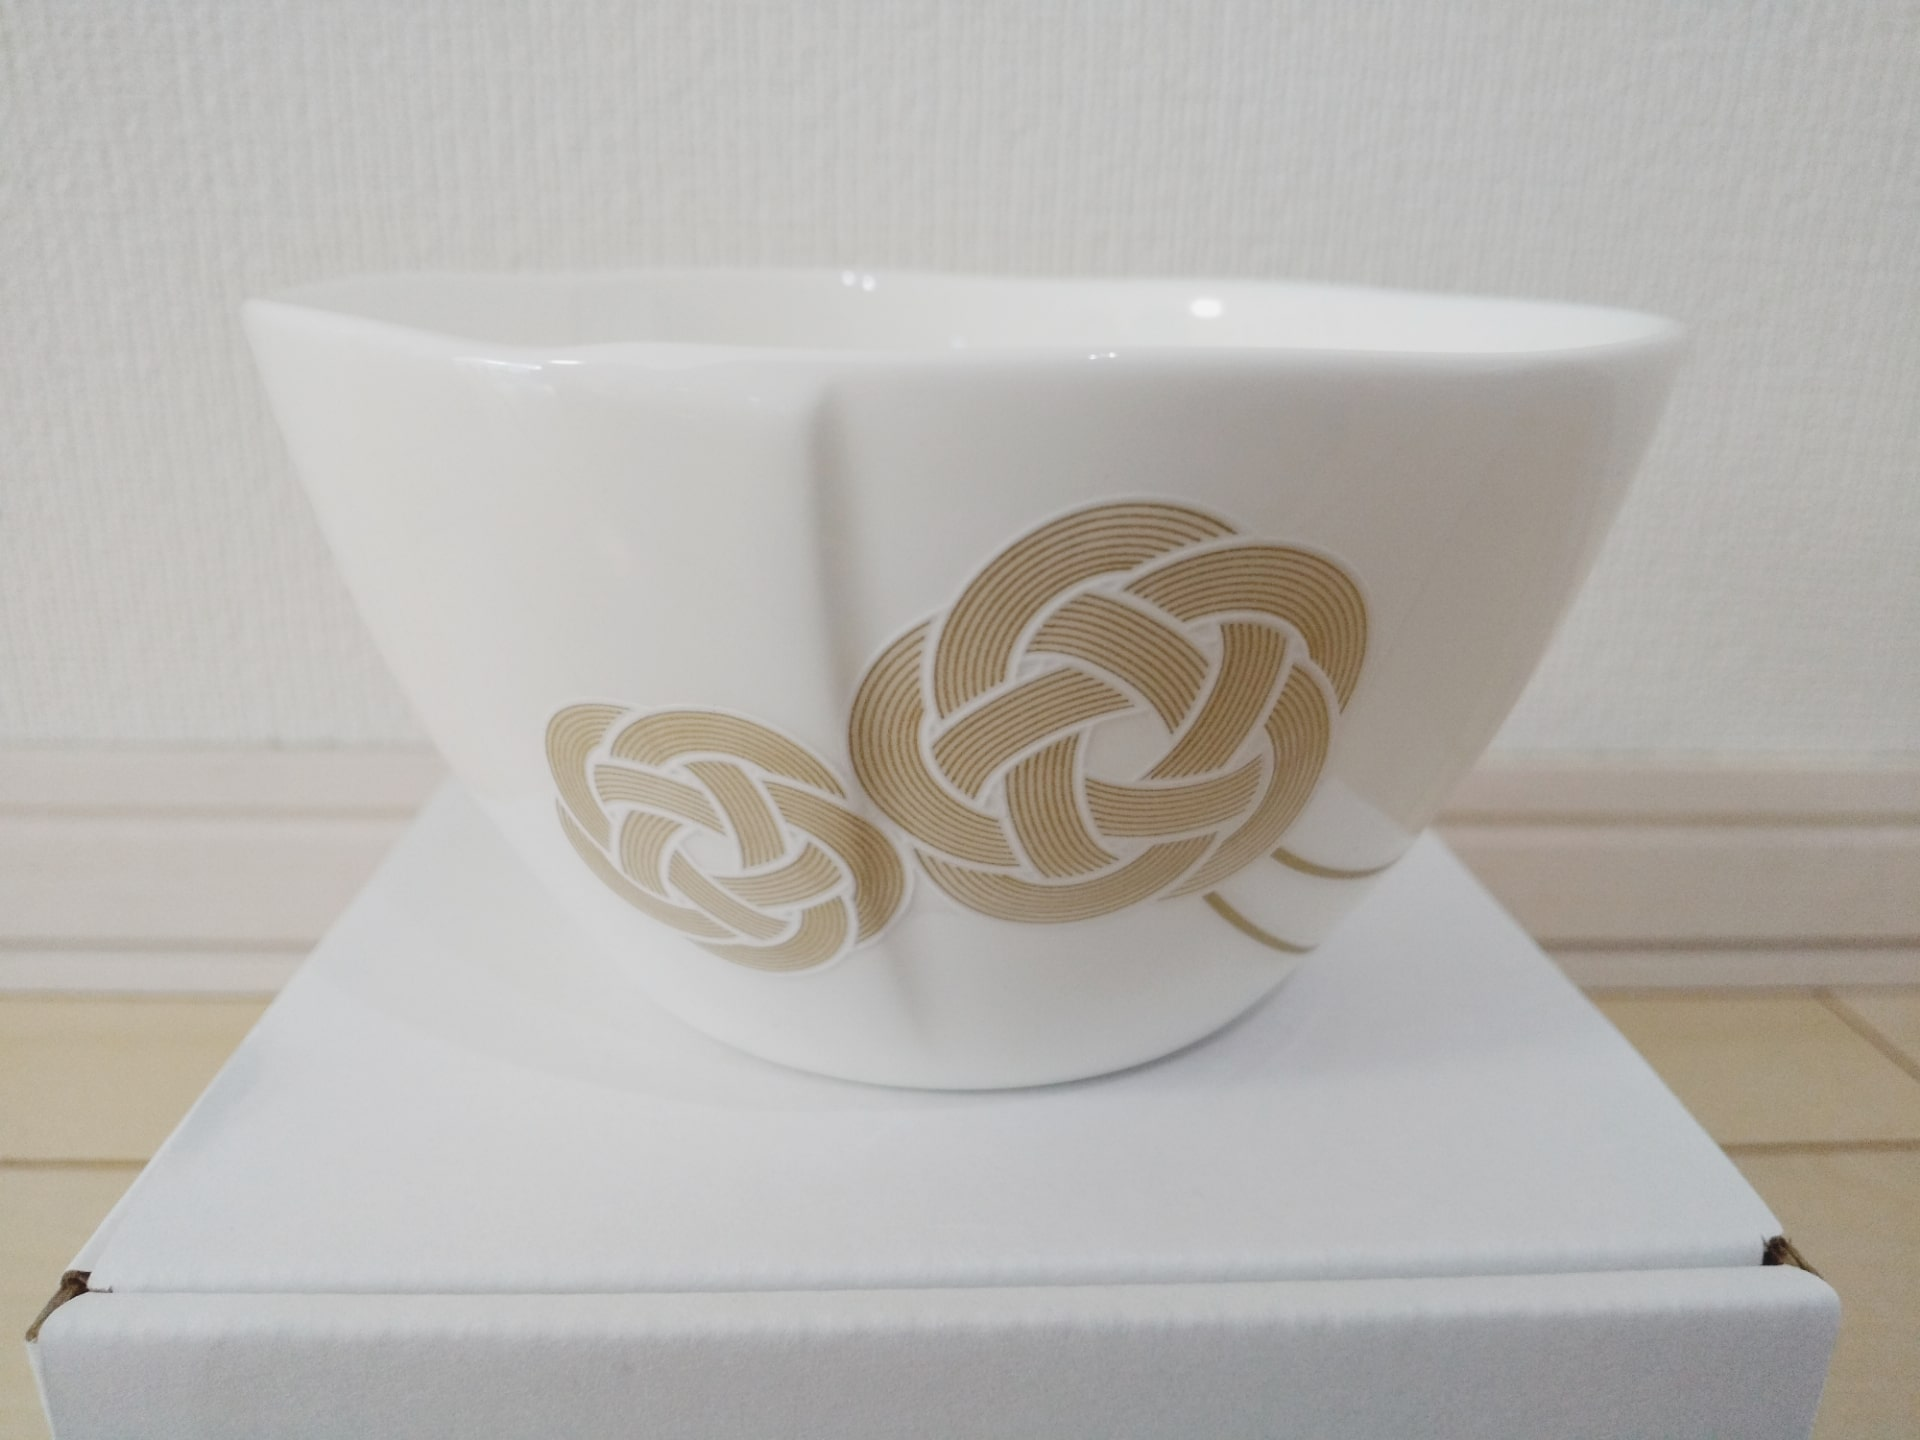 3万円台で買える三谷産業(8285)から株主優待のニッコー小鉢が到着!